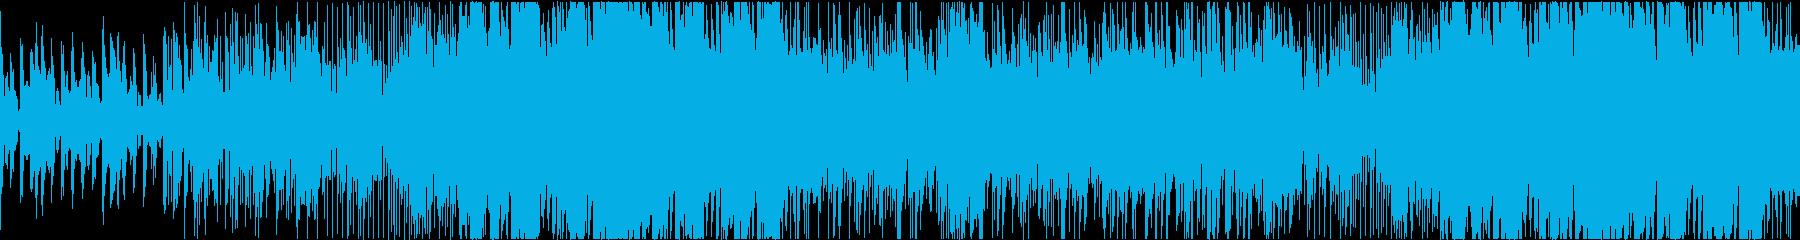 マイナーの切ないfuture bassの再生済みの波形